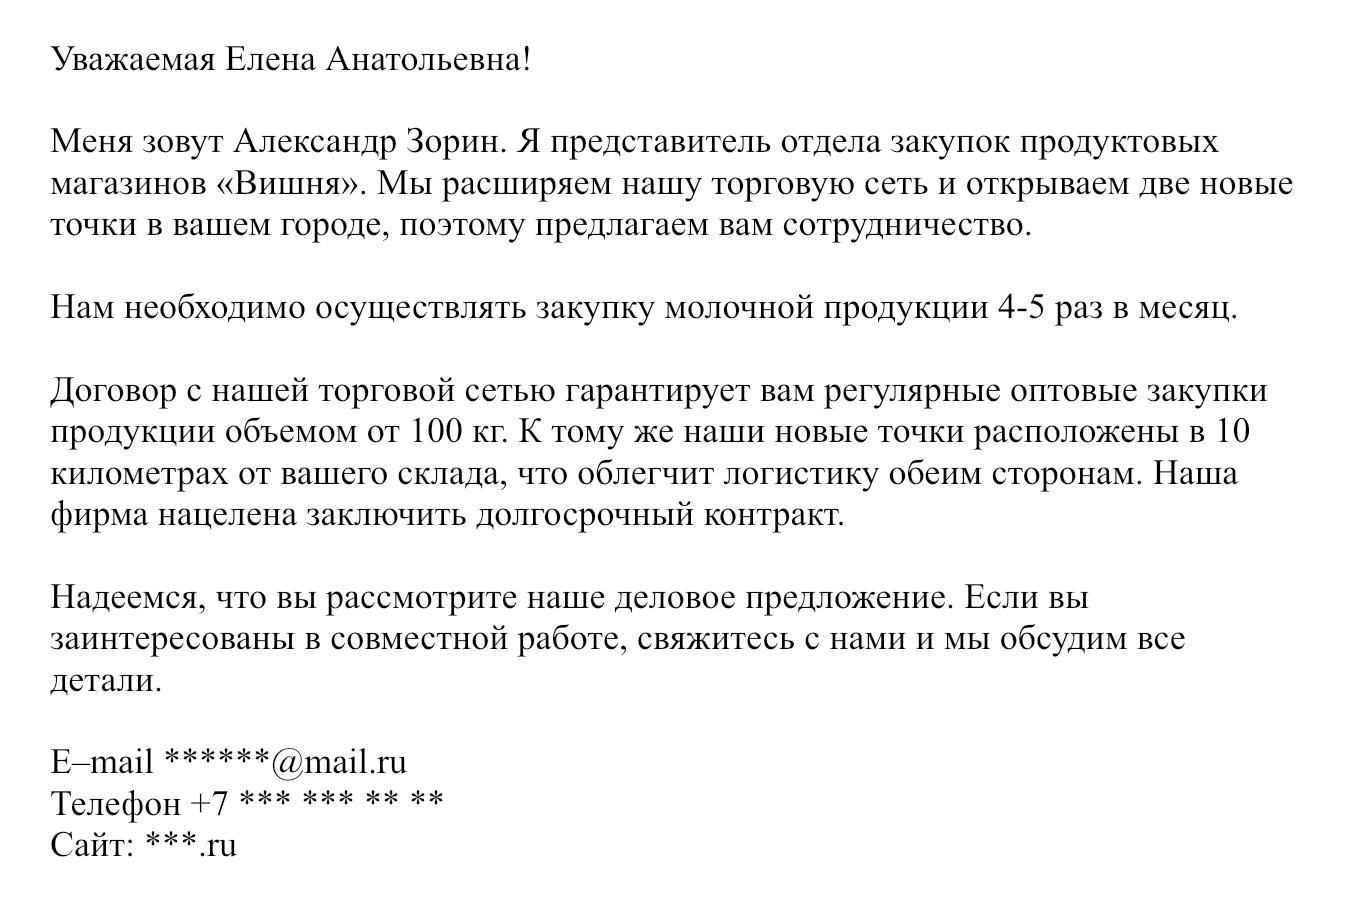 Письмо с предложением закупок